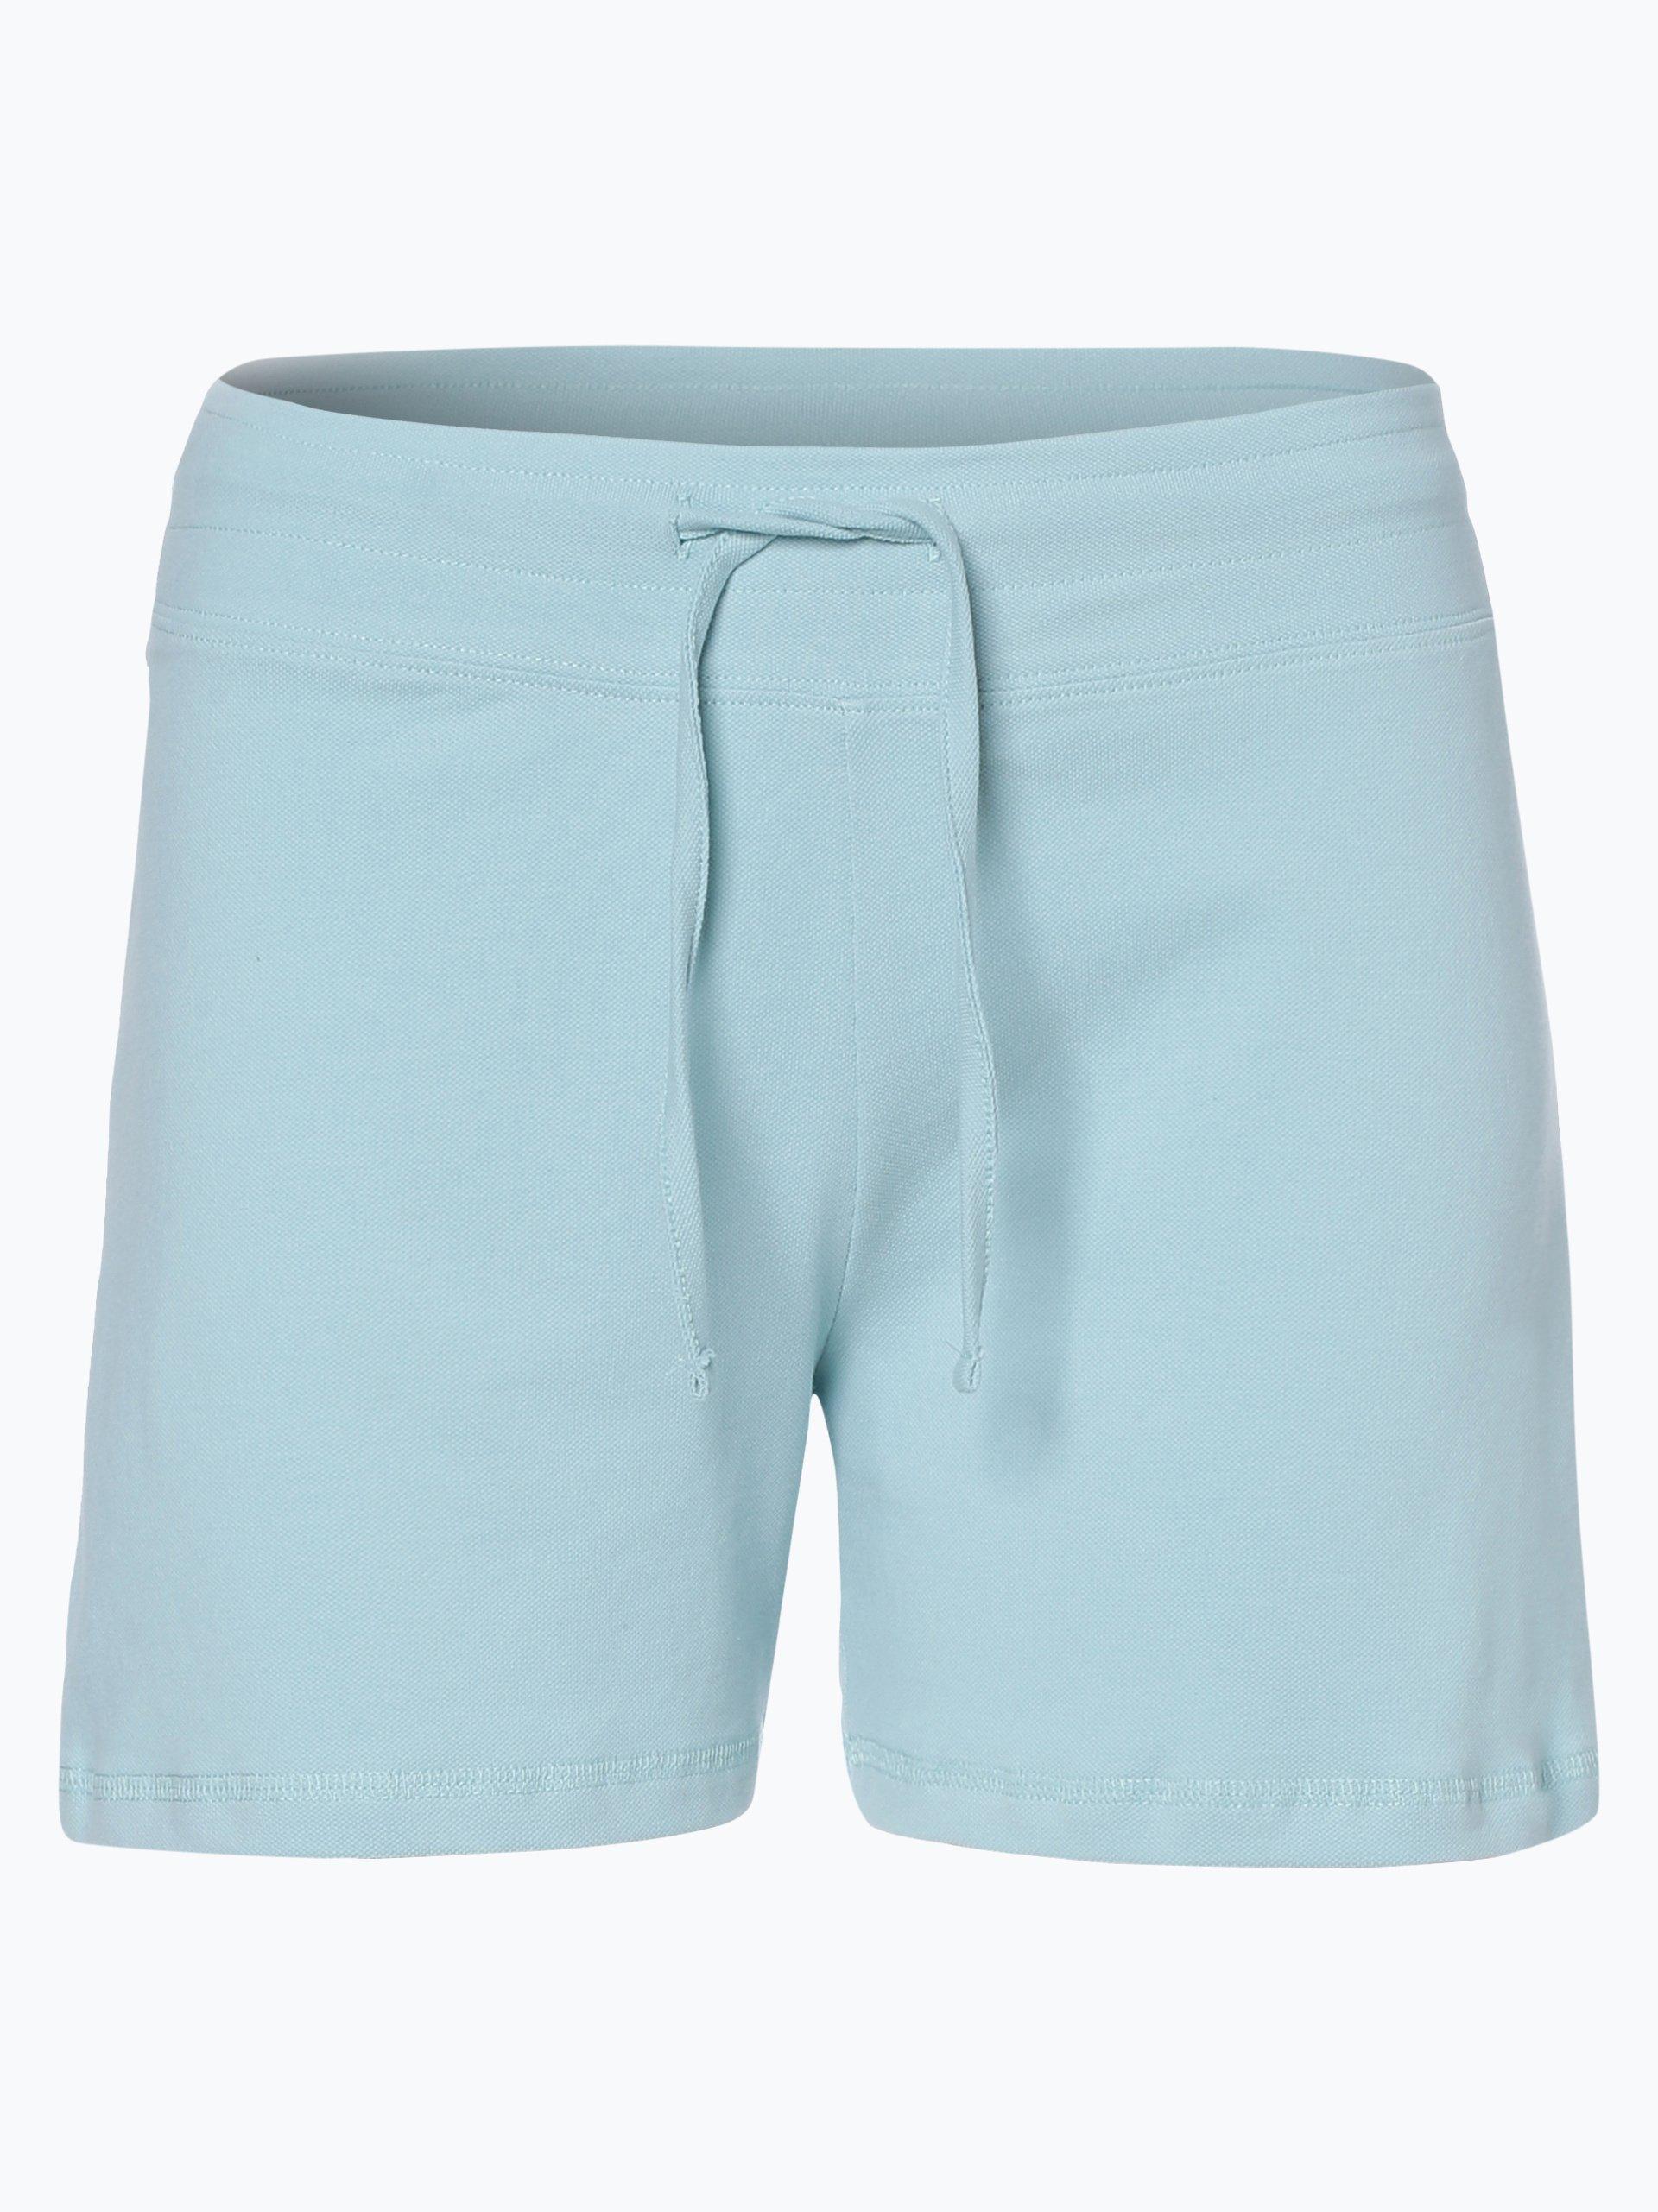 Marie Lund Damen Shorts